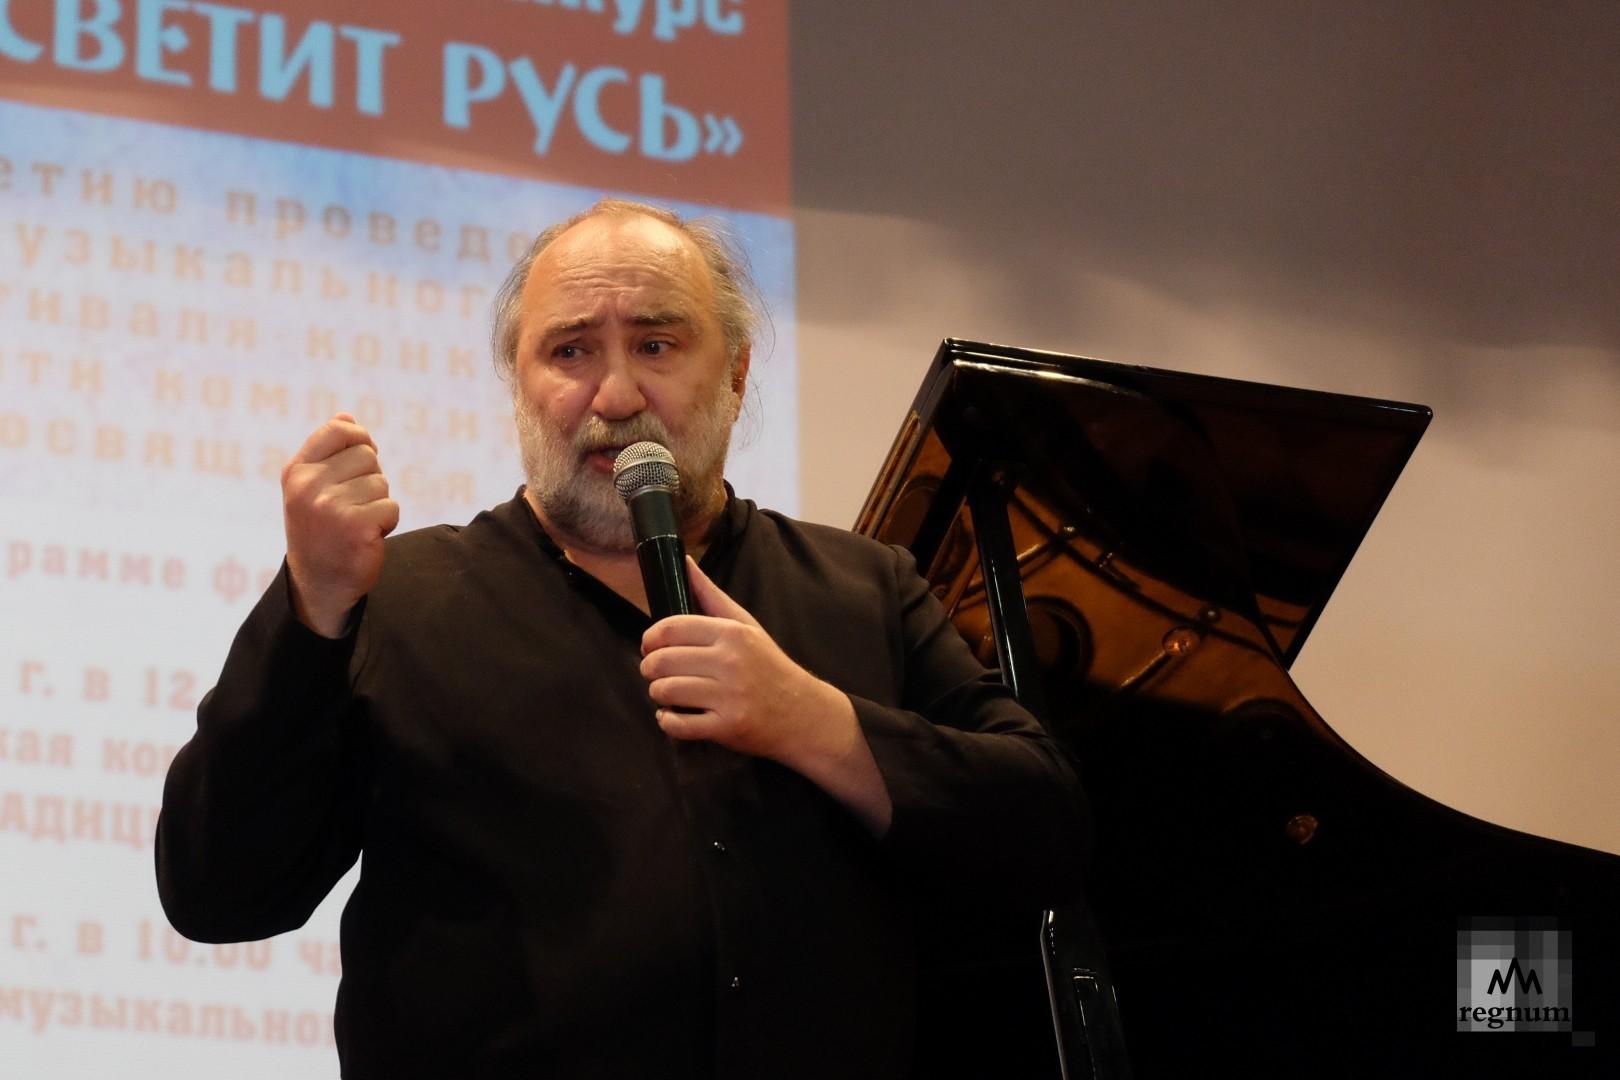 Михаил Аркадьев рассказывает историю знакомства с Г.Свиридовым